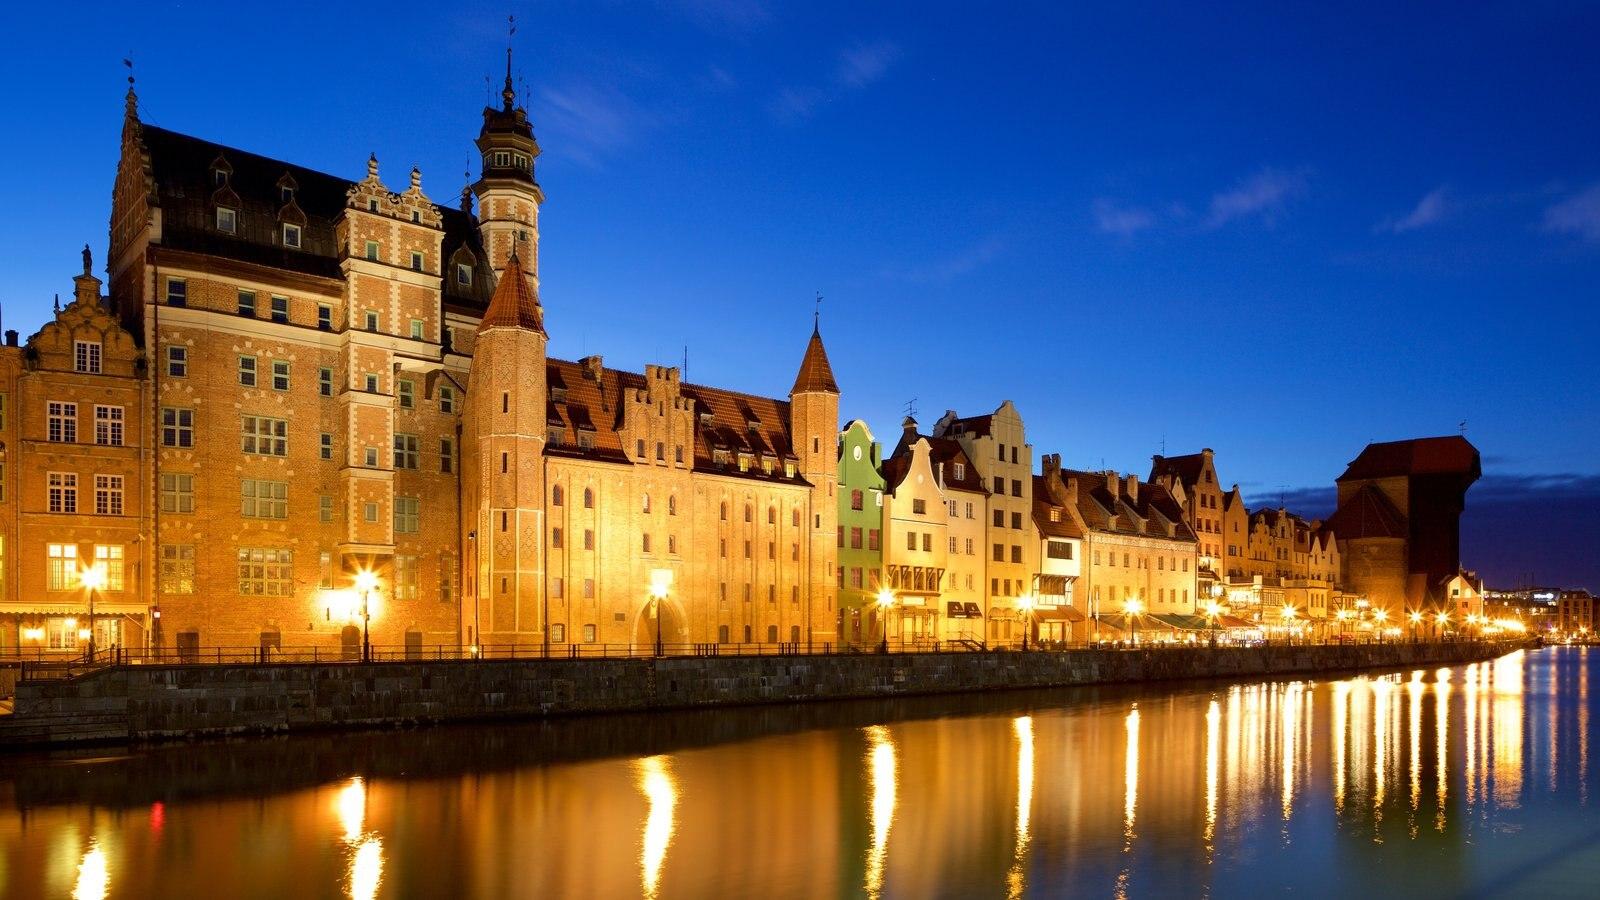 Grua de Gdansk mostrando uma cidade, um rio ou córrego e cenas noturnas